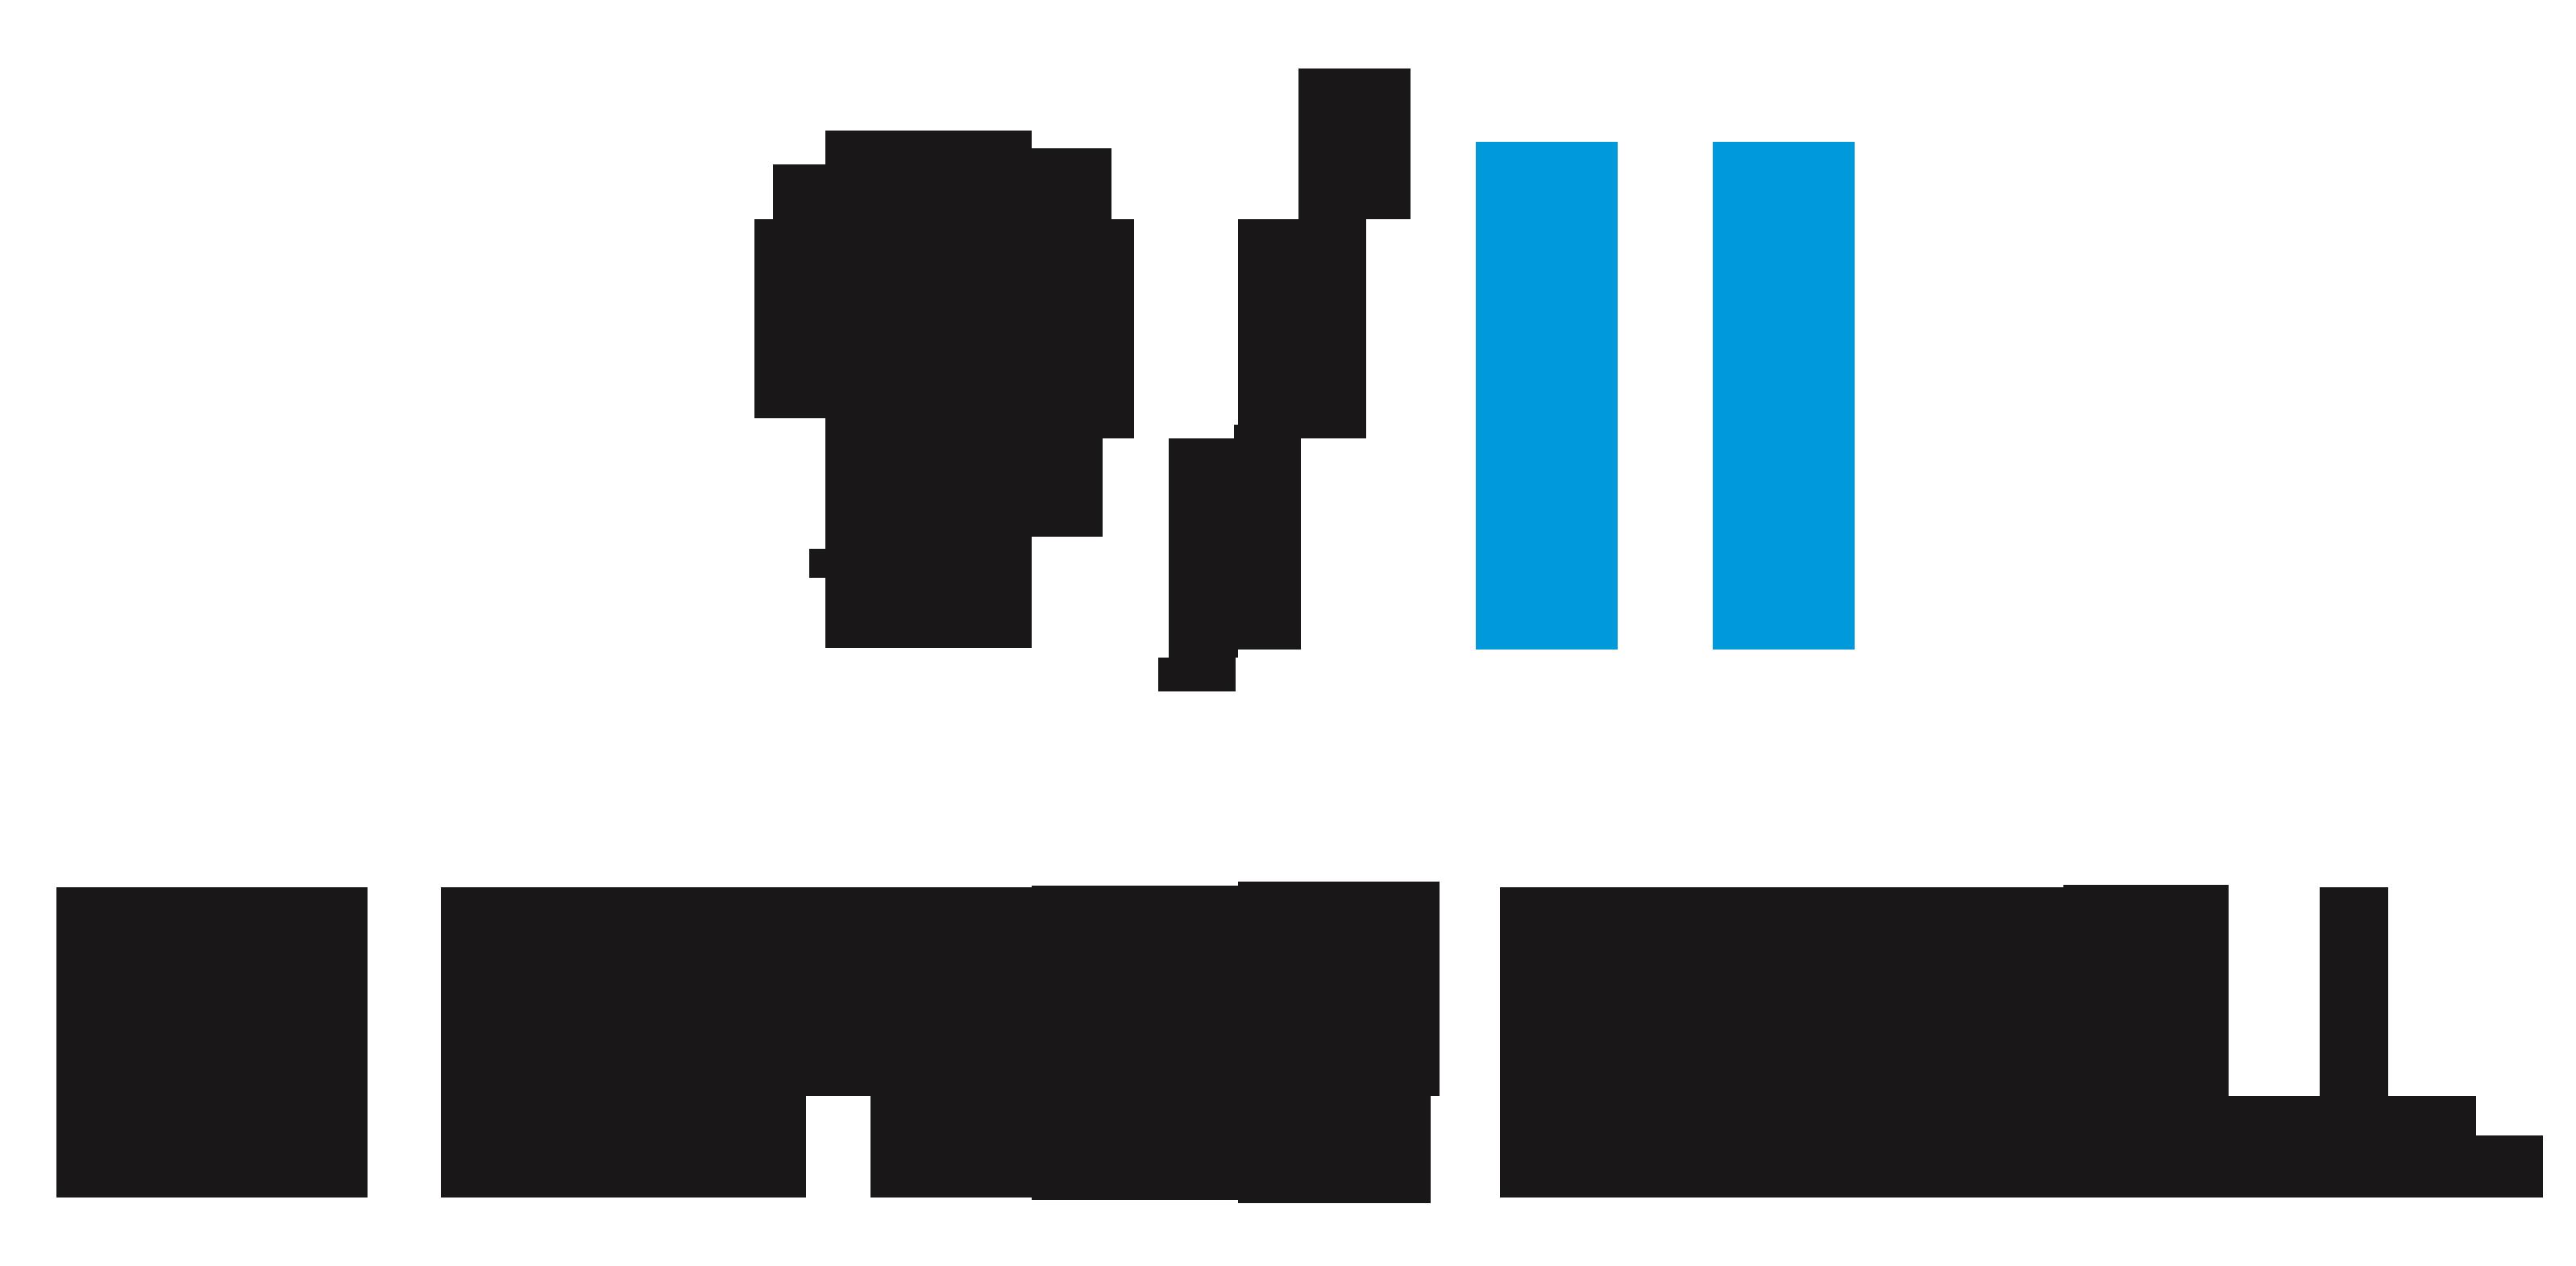 Resultado de imagen para 11/9 tribute png